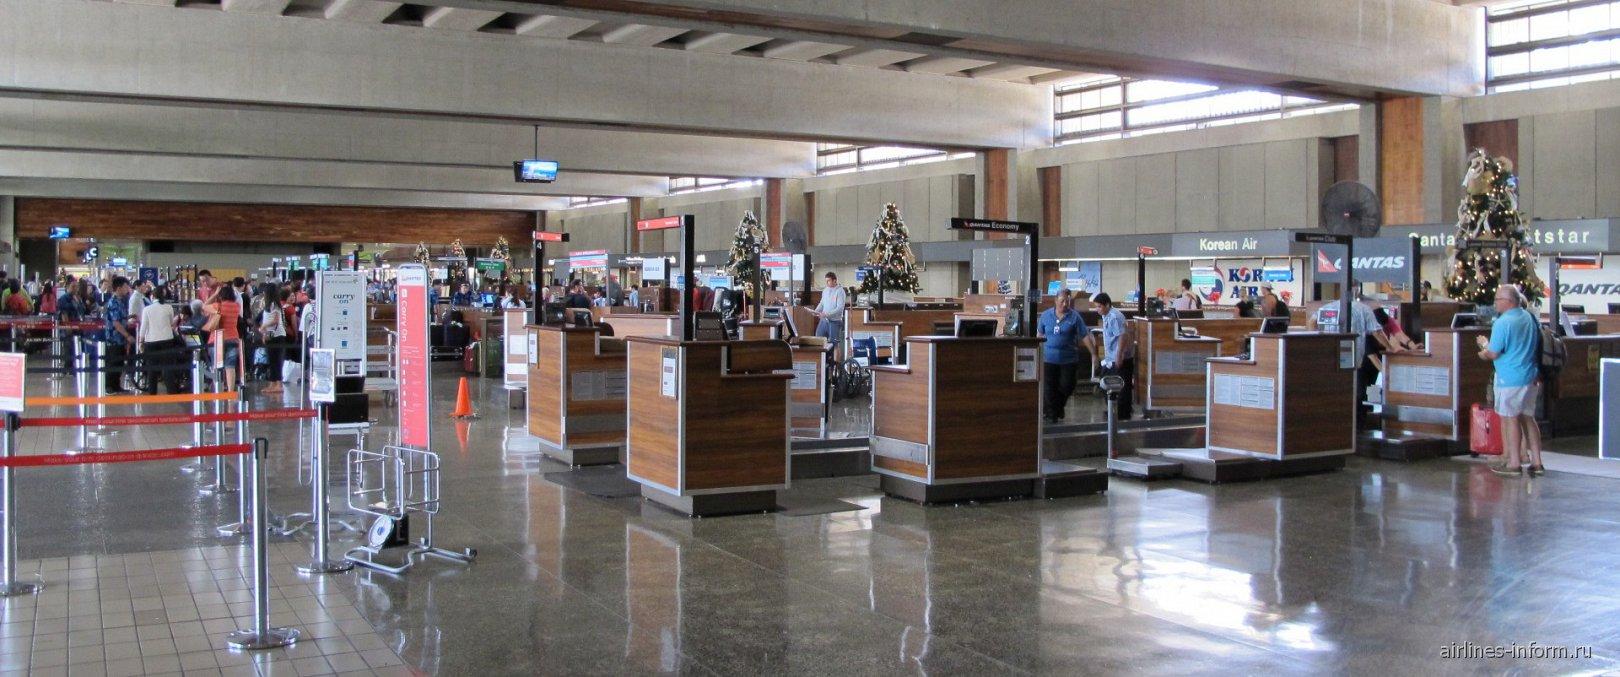 Зона регистрации в аэропорту Гонолулу